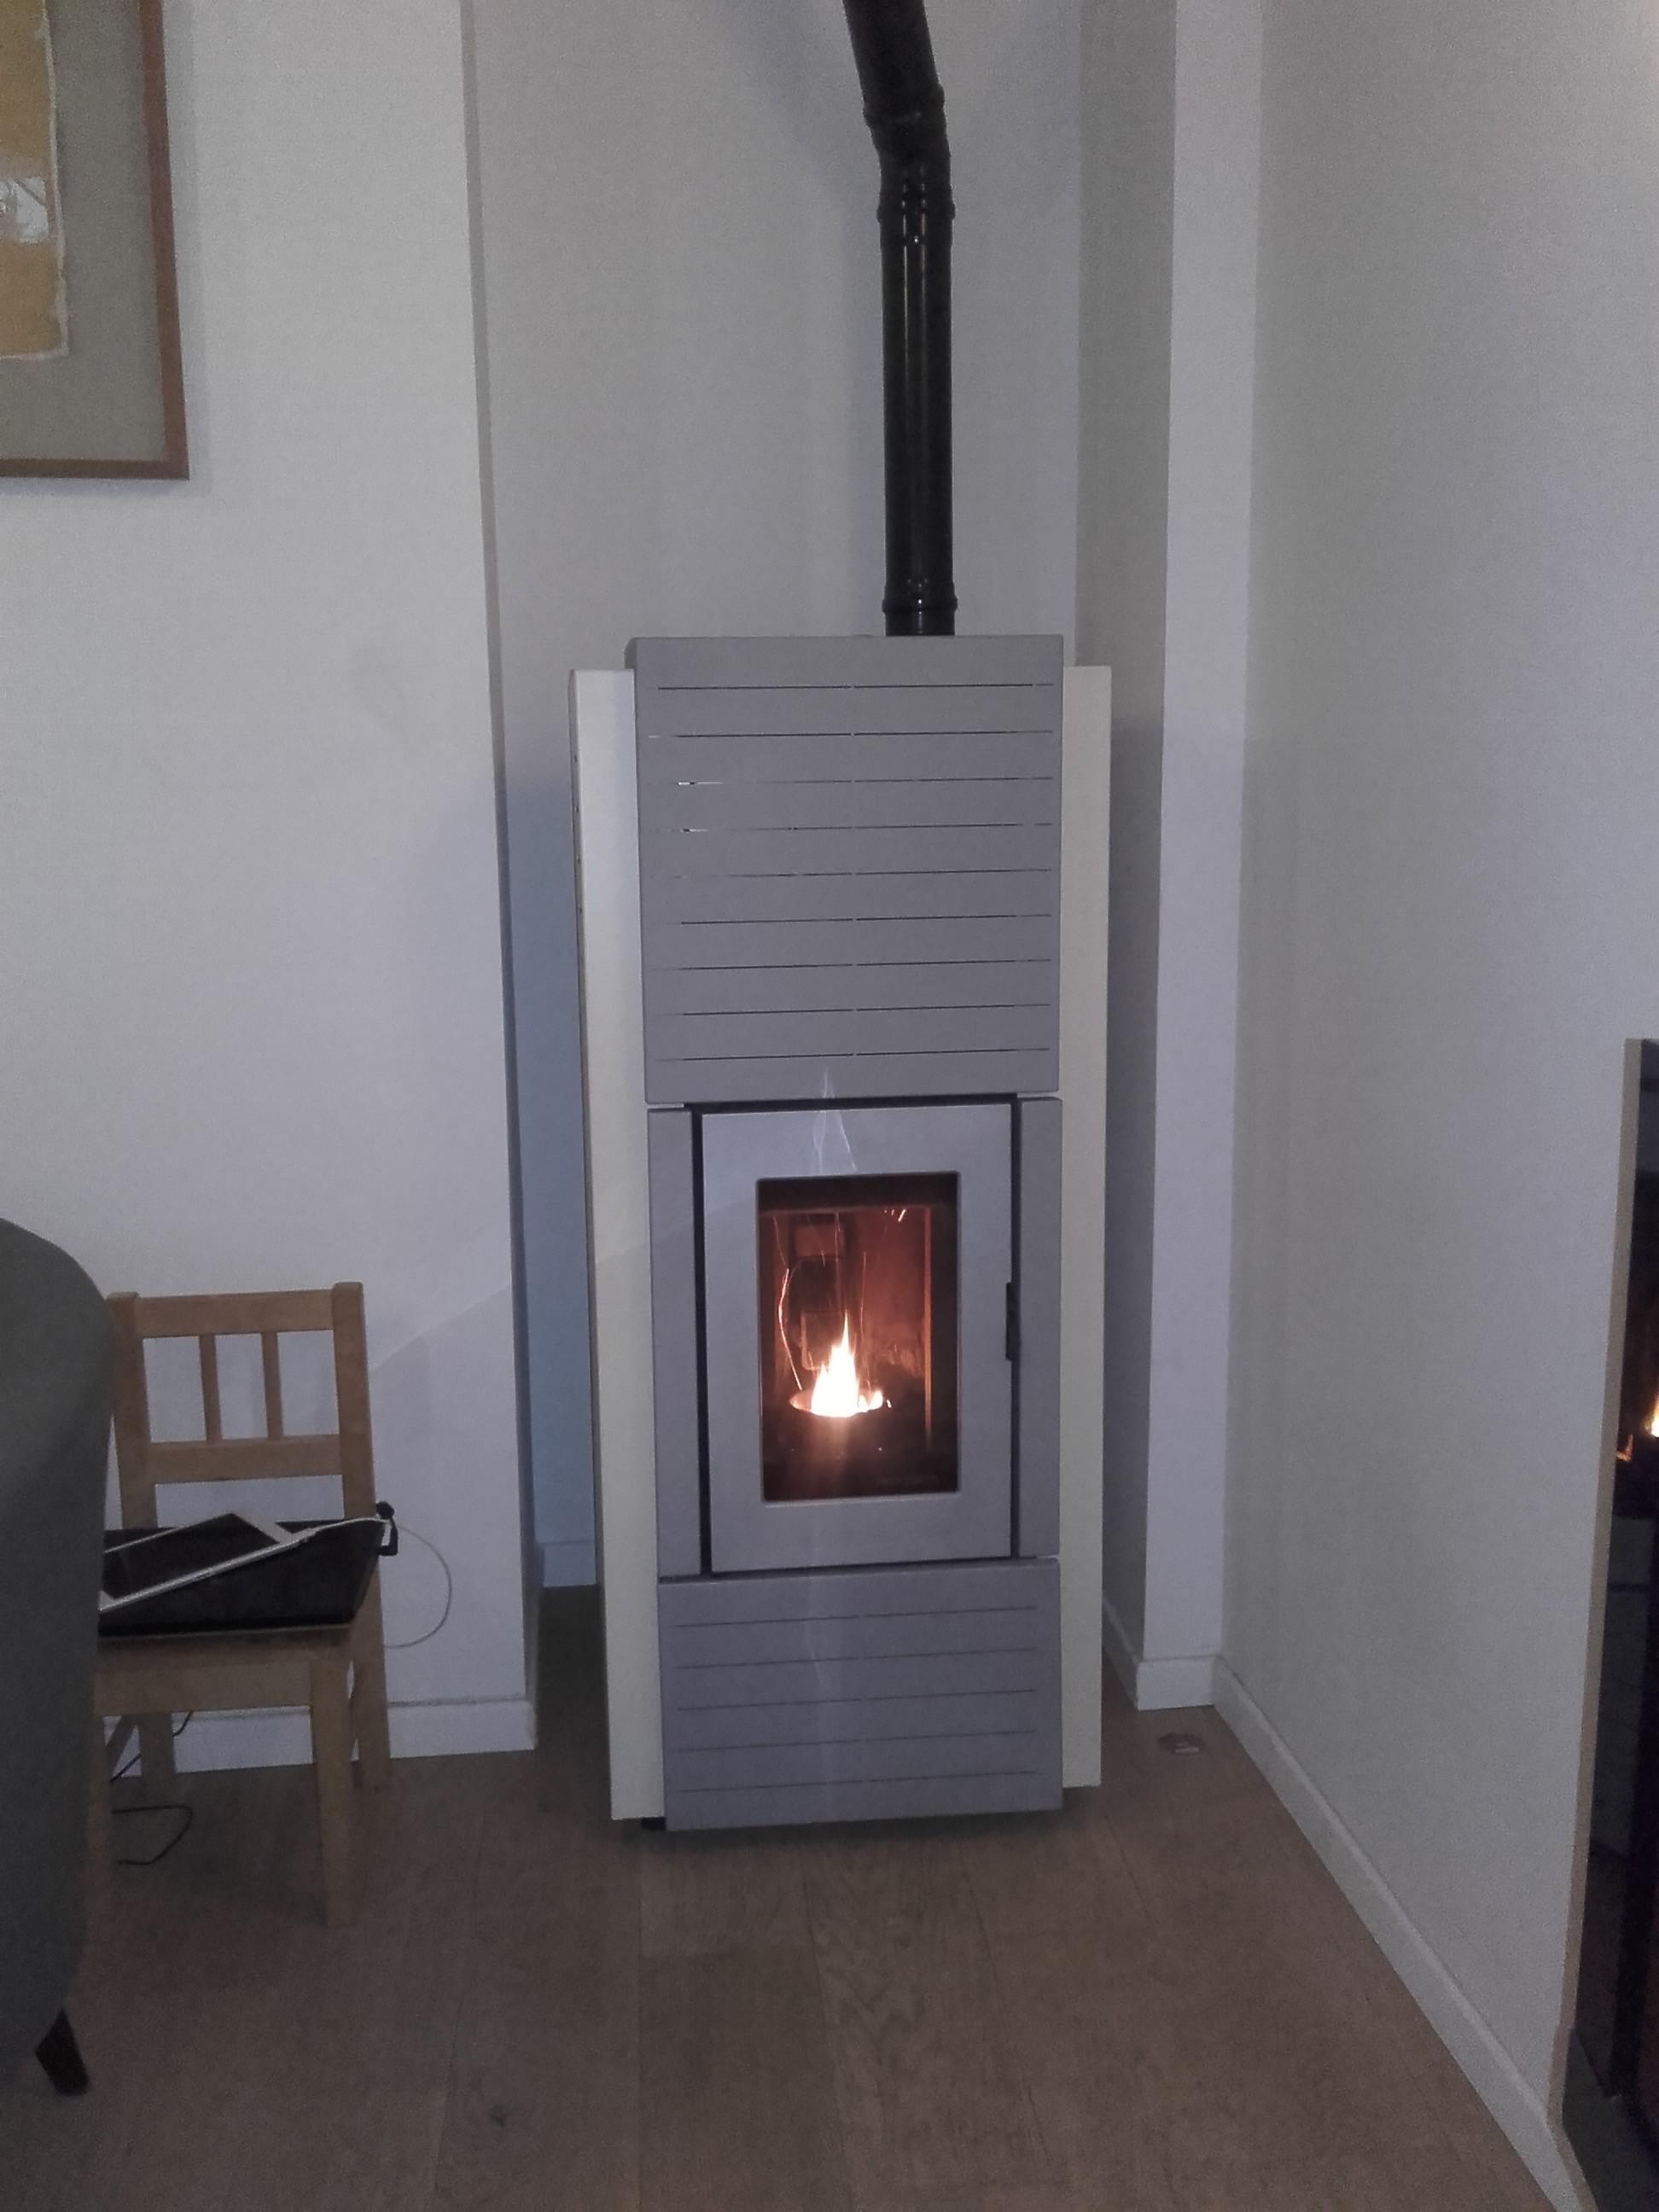 po le granul s palazzetti sur chauffage central romainville chauffage solaire bois. Black Bedroom Furniture Sets. Home Design Ideas